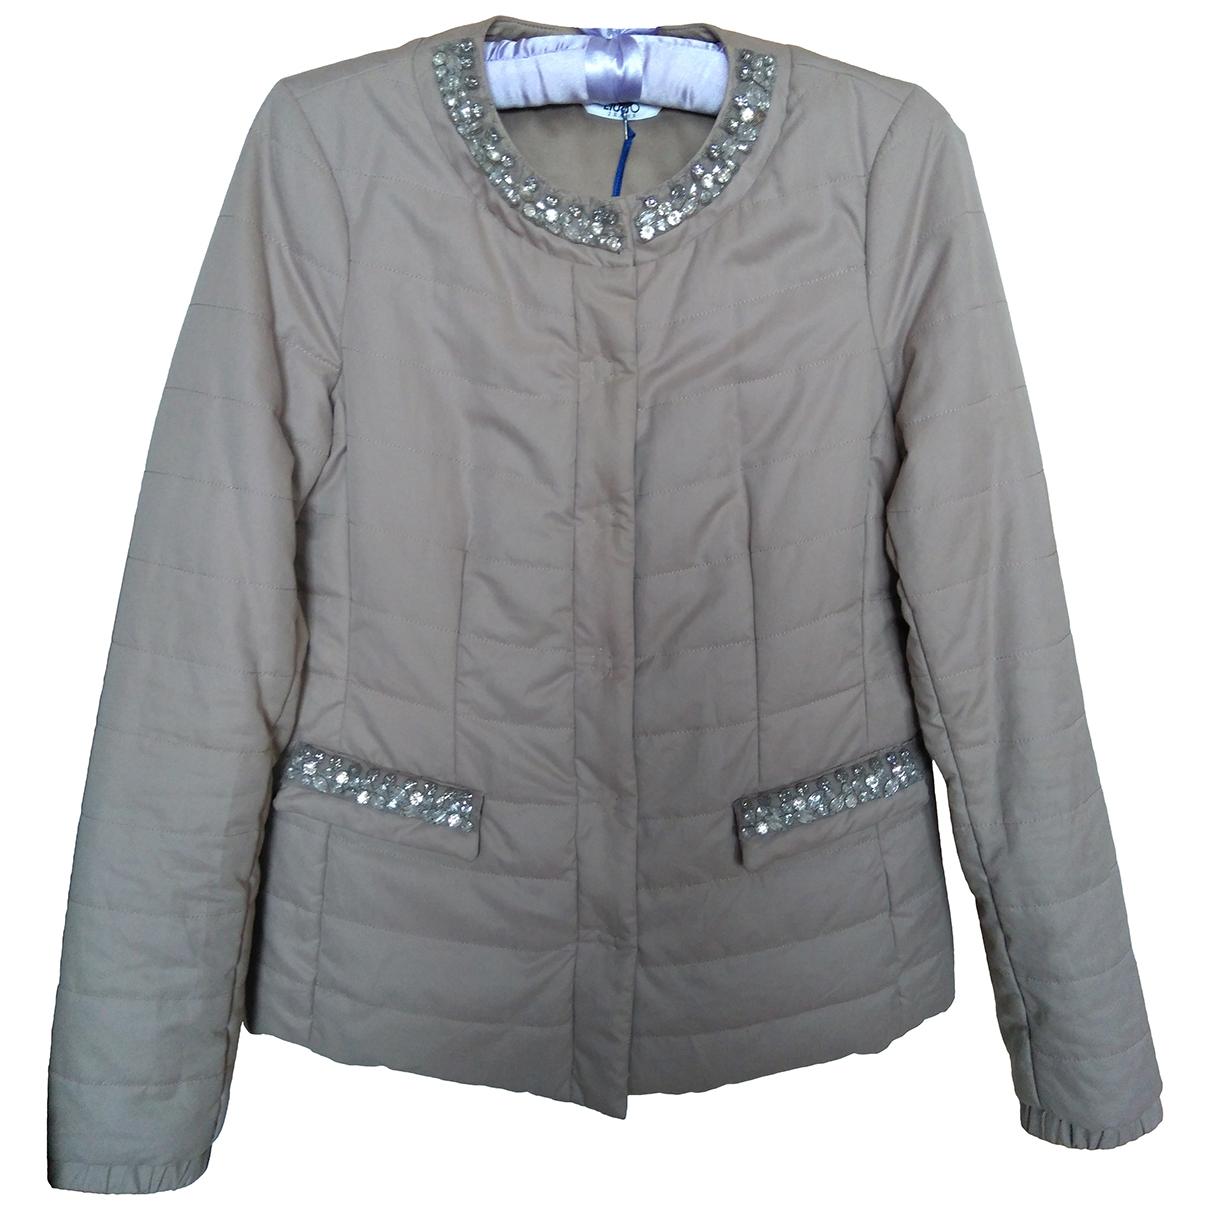 Liu.jo \N Beige jacket for Women 42 IT